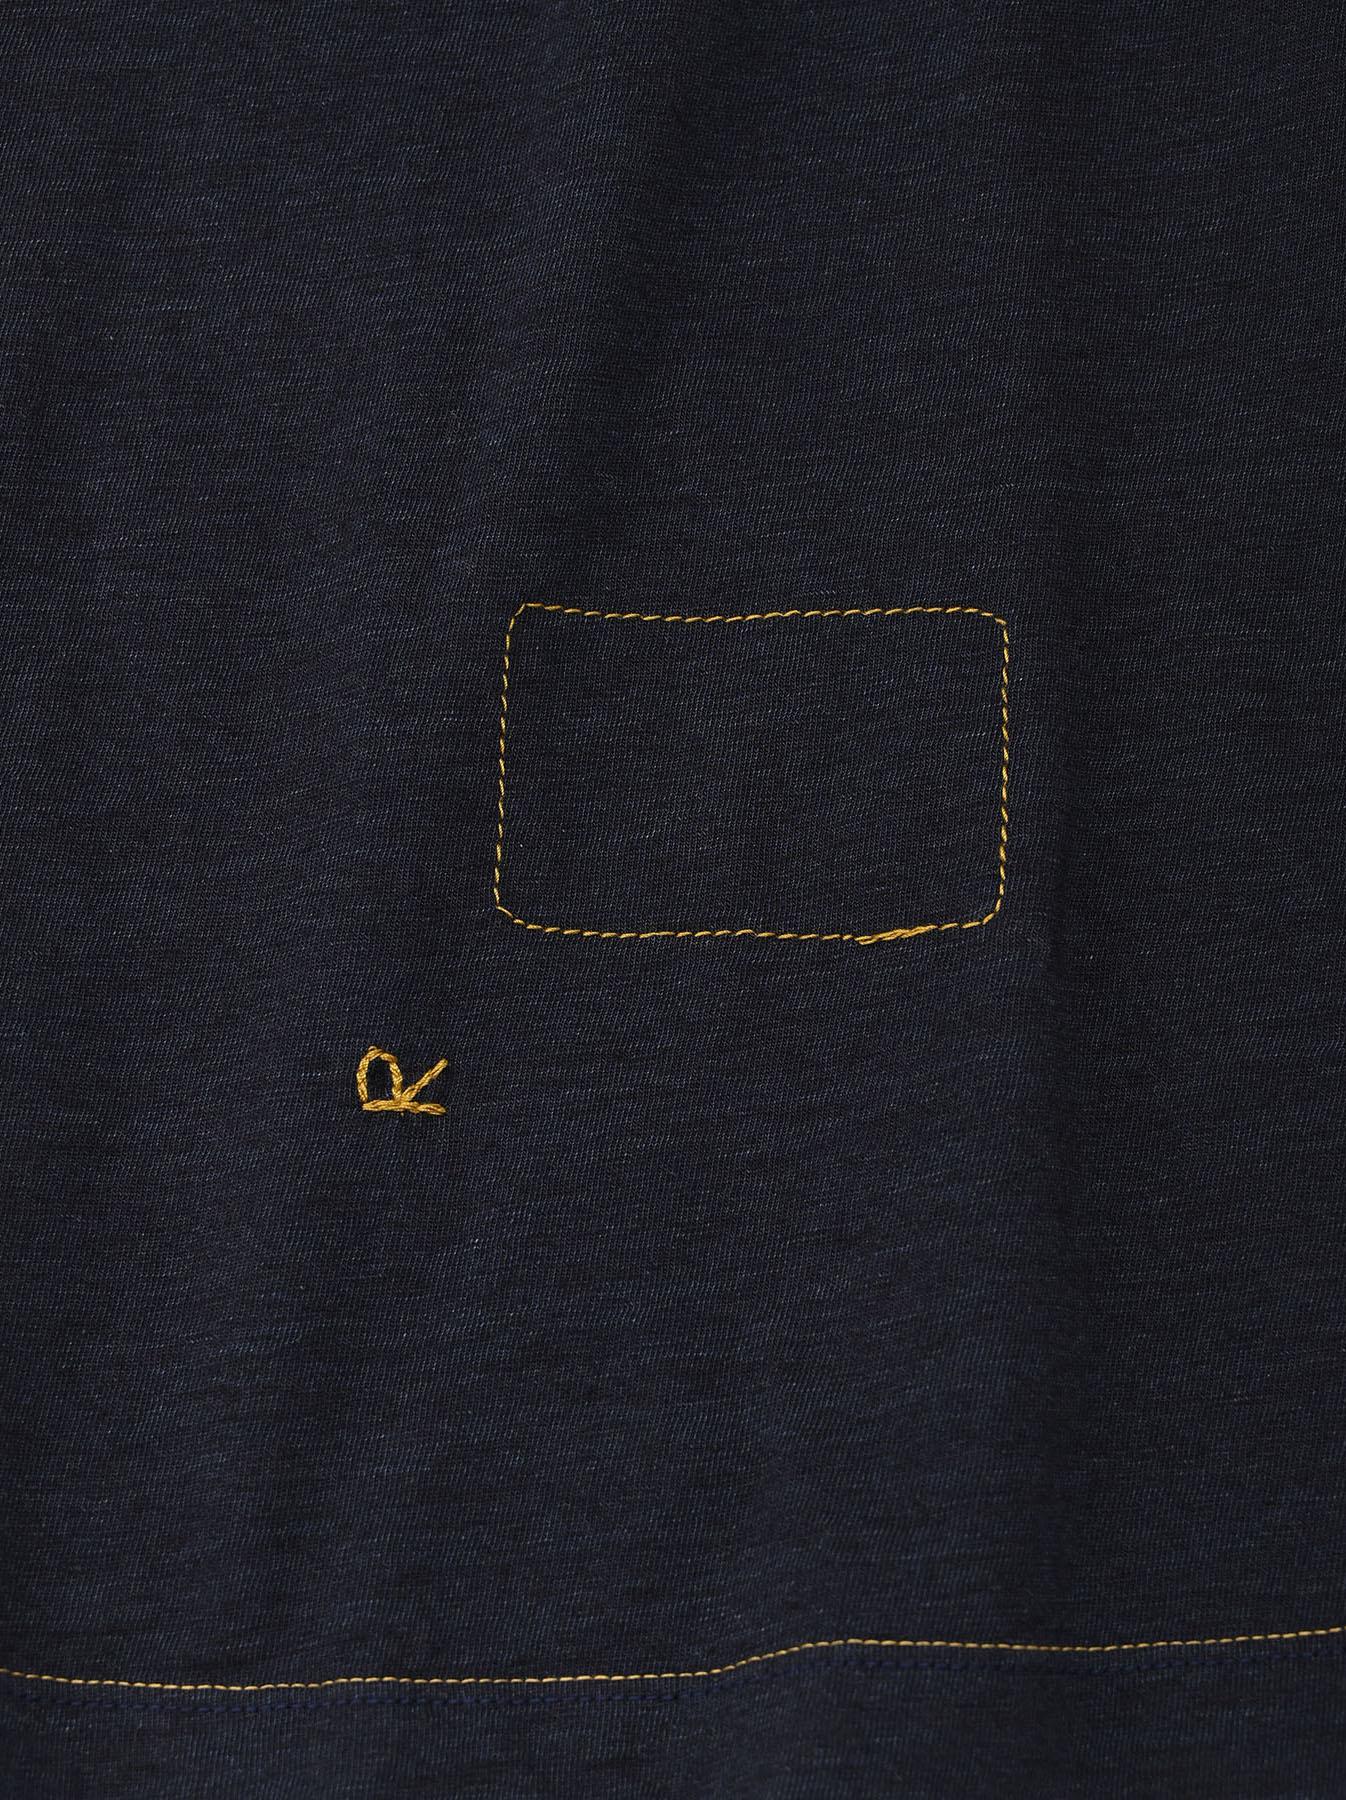 Indigo Sumite de Whale T-shirt-10